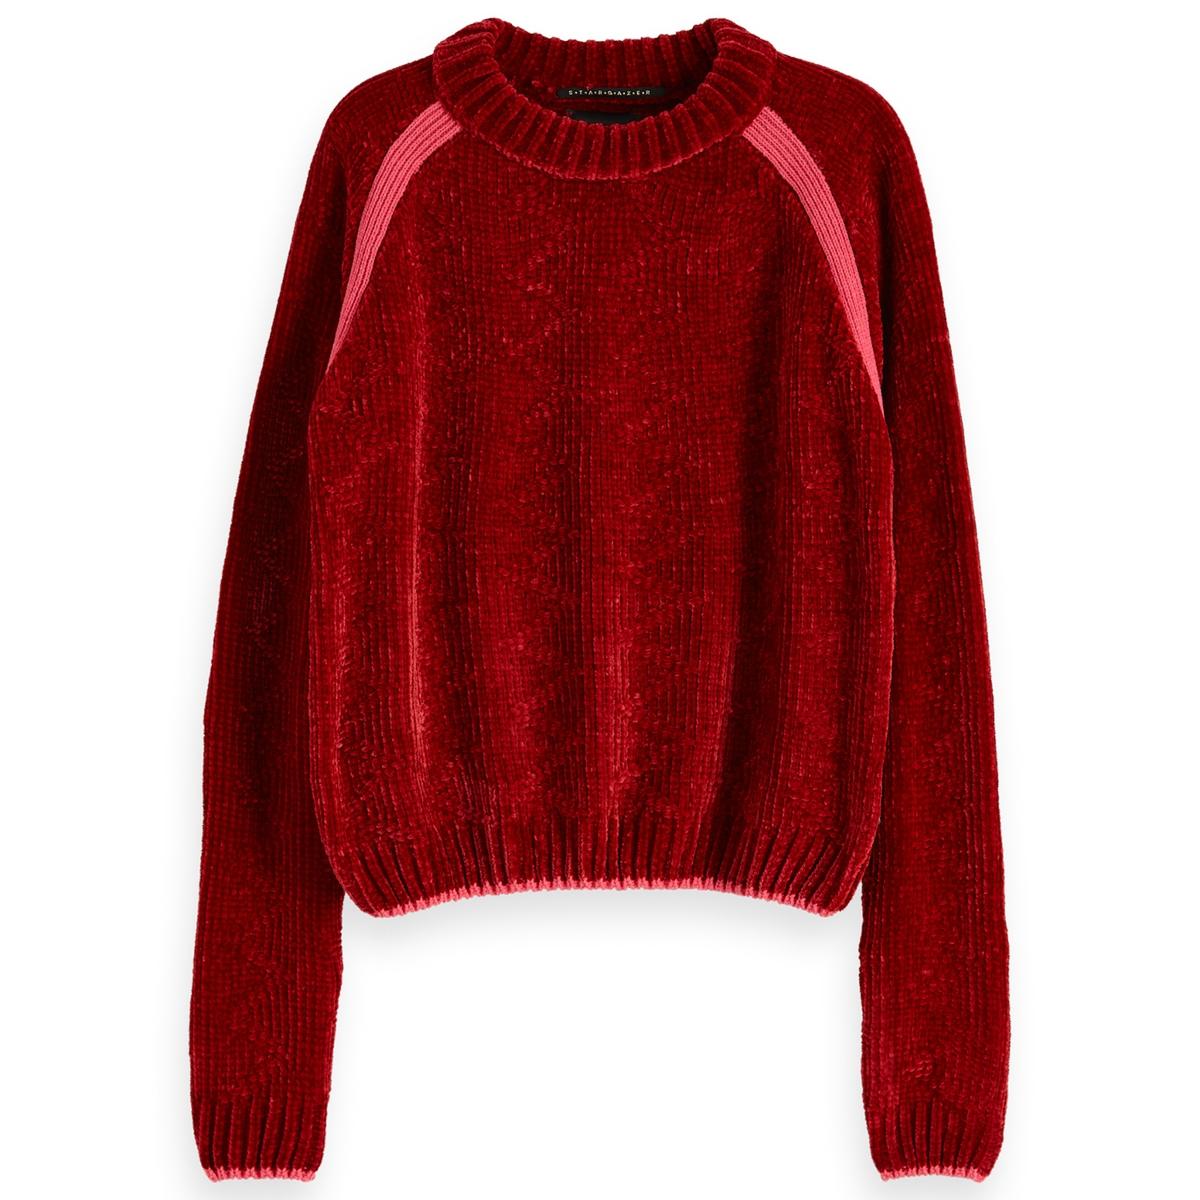 Пуловер La Redoute С круглым вырезом из тонкого трикотажа M красный пуловер la redoute с вырезом лодочкой из тонкого трикотажа m красный